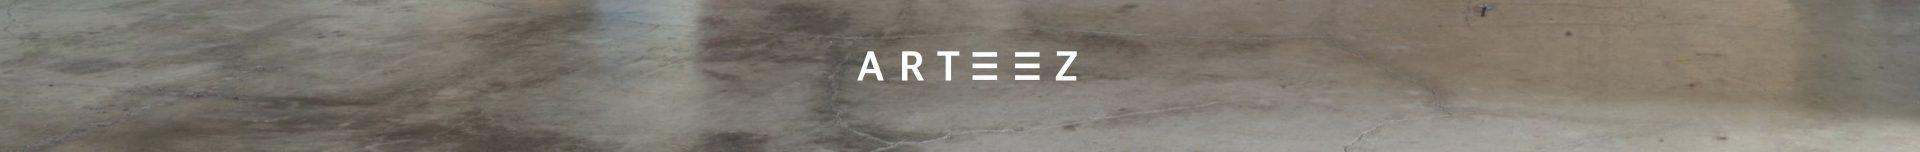 cropped-arteez_logo_beton2.jpg